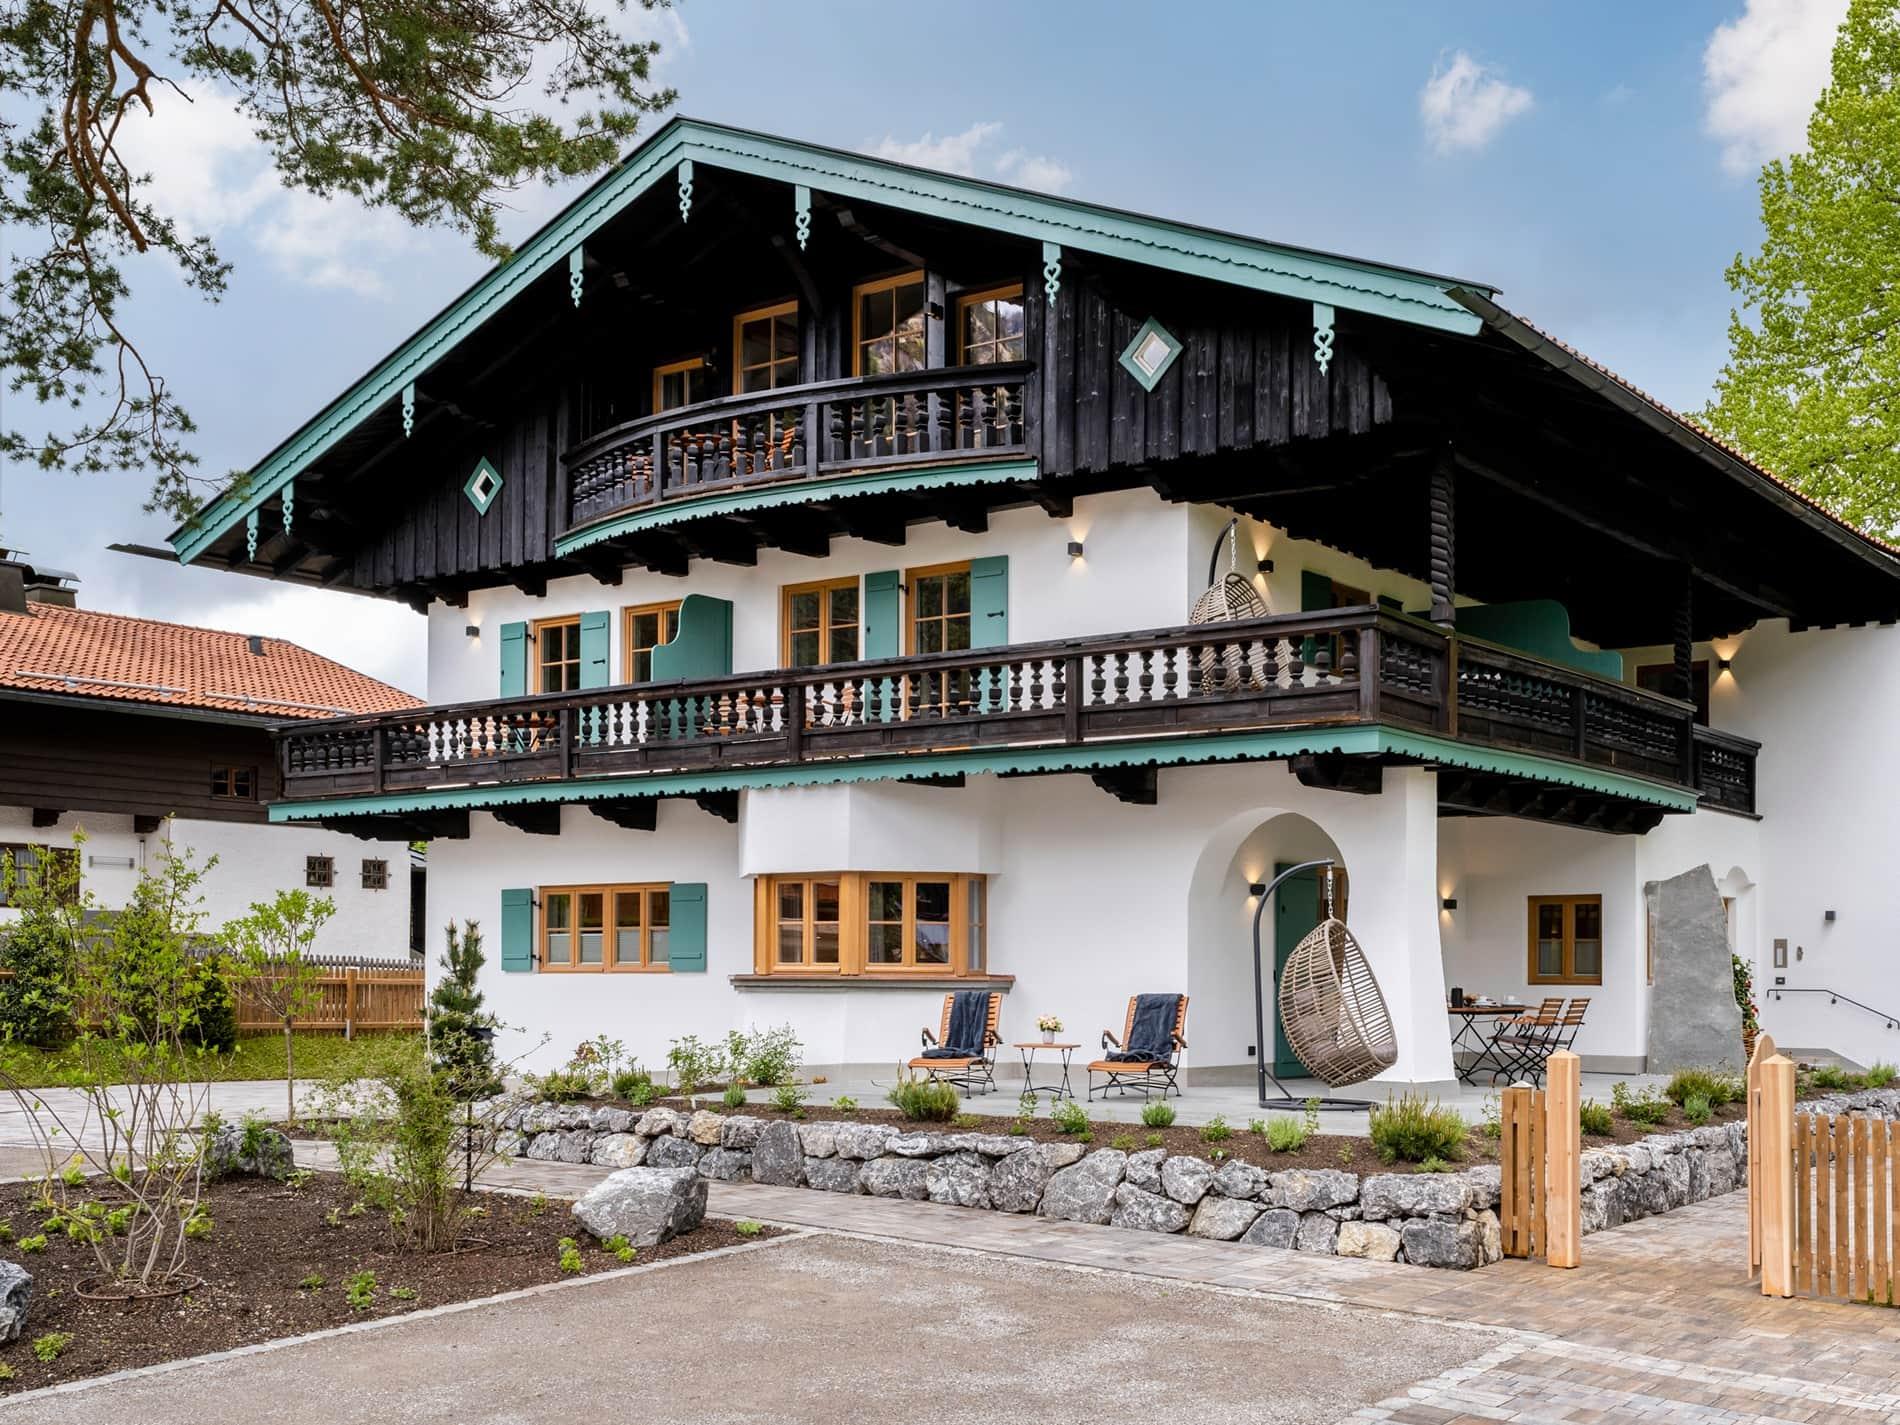 Ferienhaus mit Ferienwohnungen Alperie am Schliersee